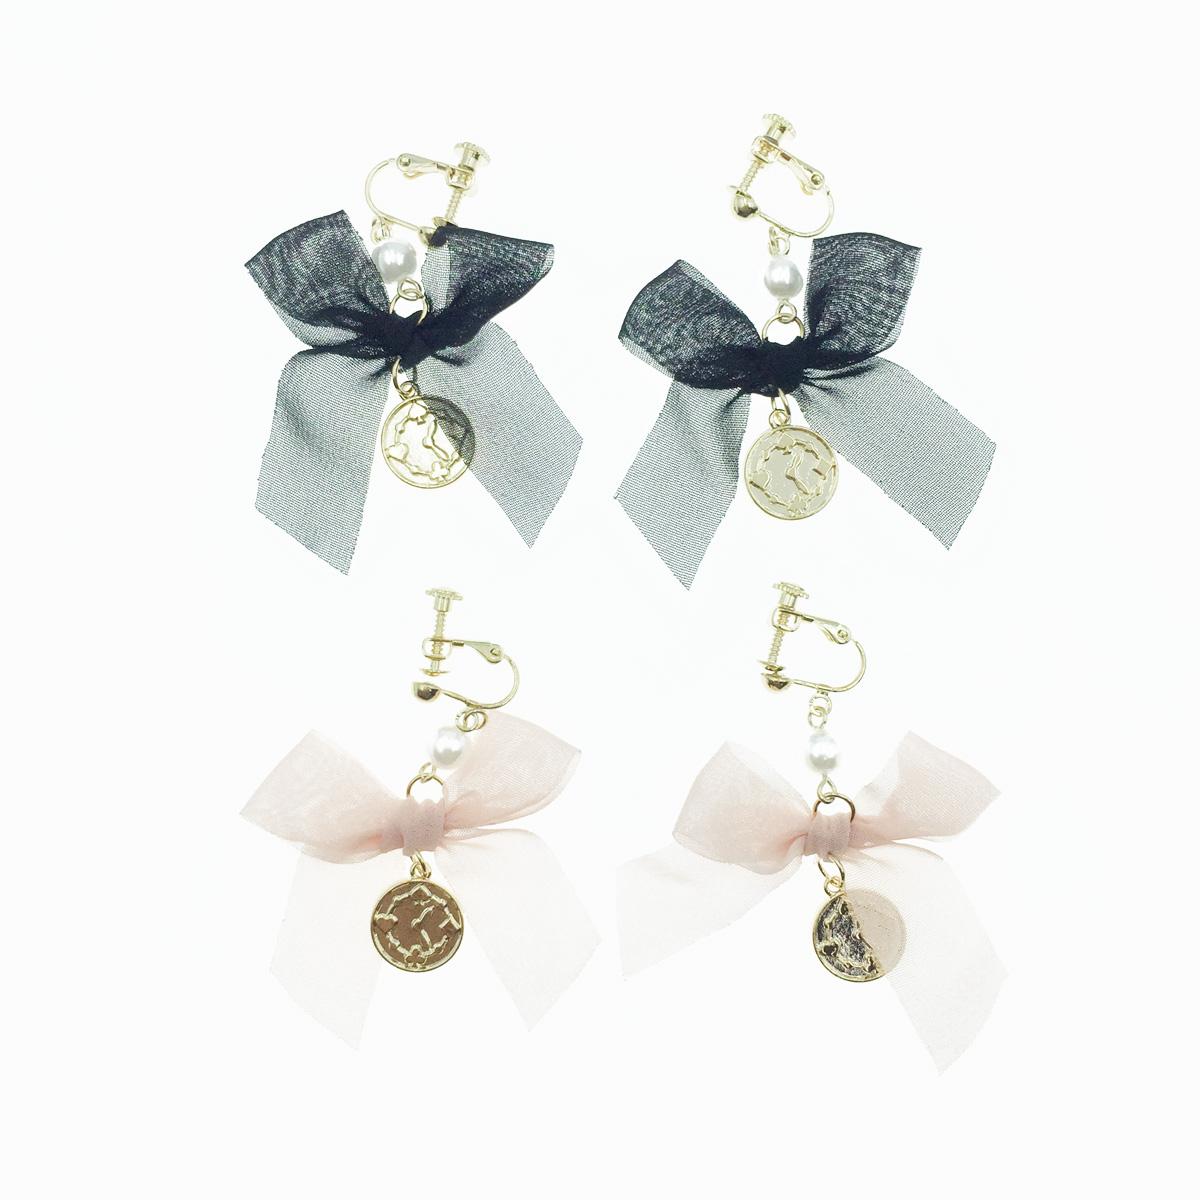 韓國 愛麗絲 時鐘 絲質蝴蝶結 緞帶 珍珠 垂墜 夾式耳環